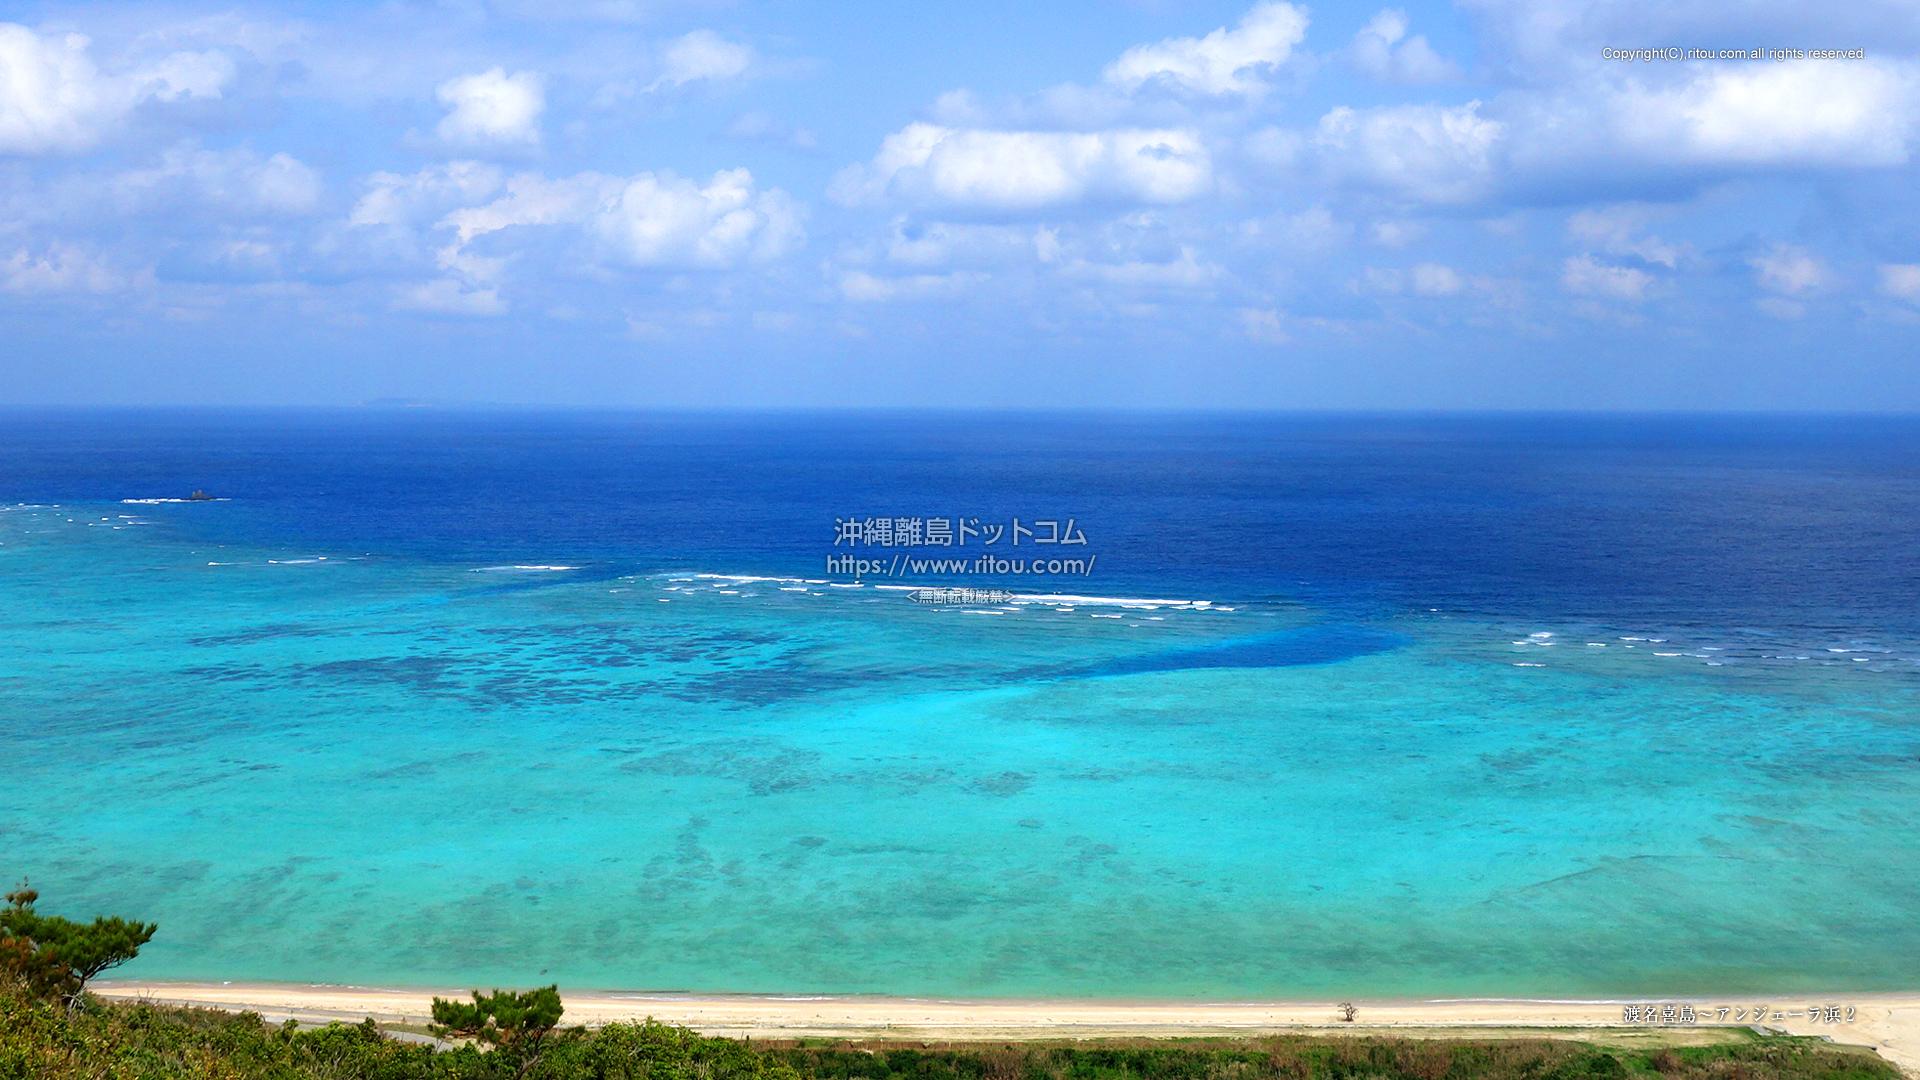 渡名喜島〜アンジェーラ浜2